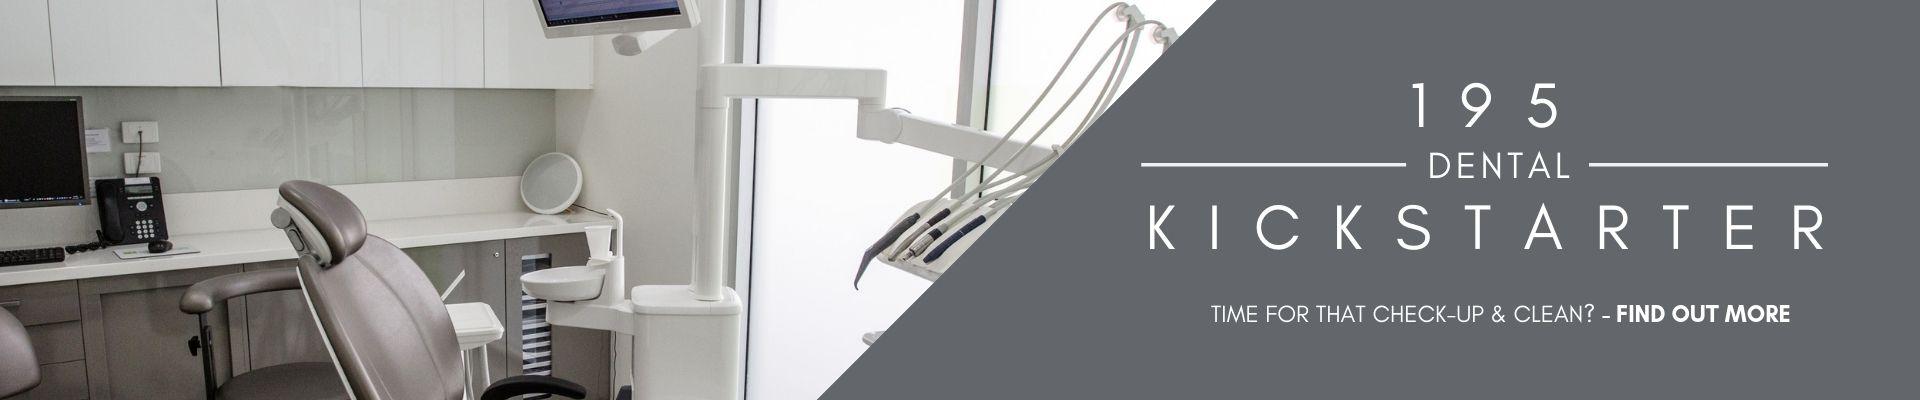 195 dental kickstarter